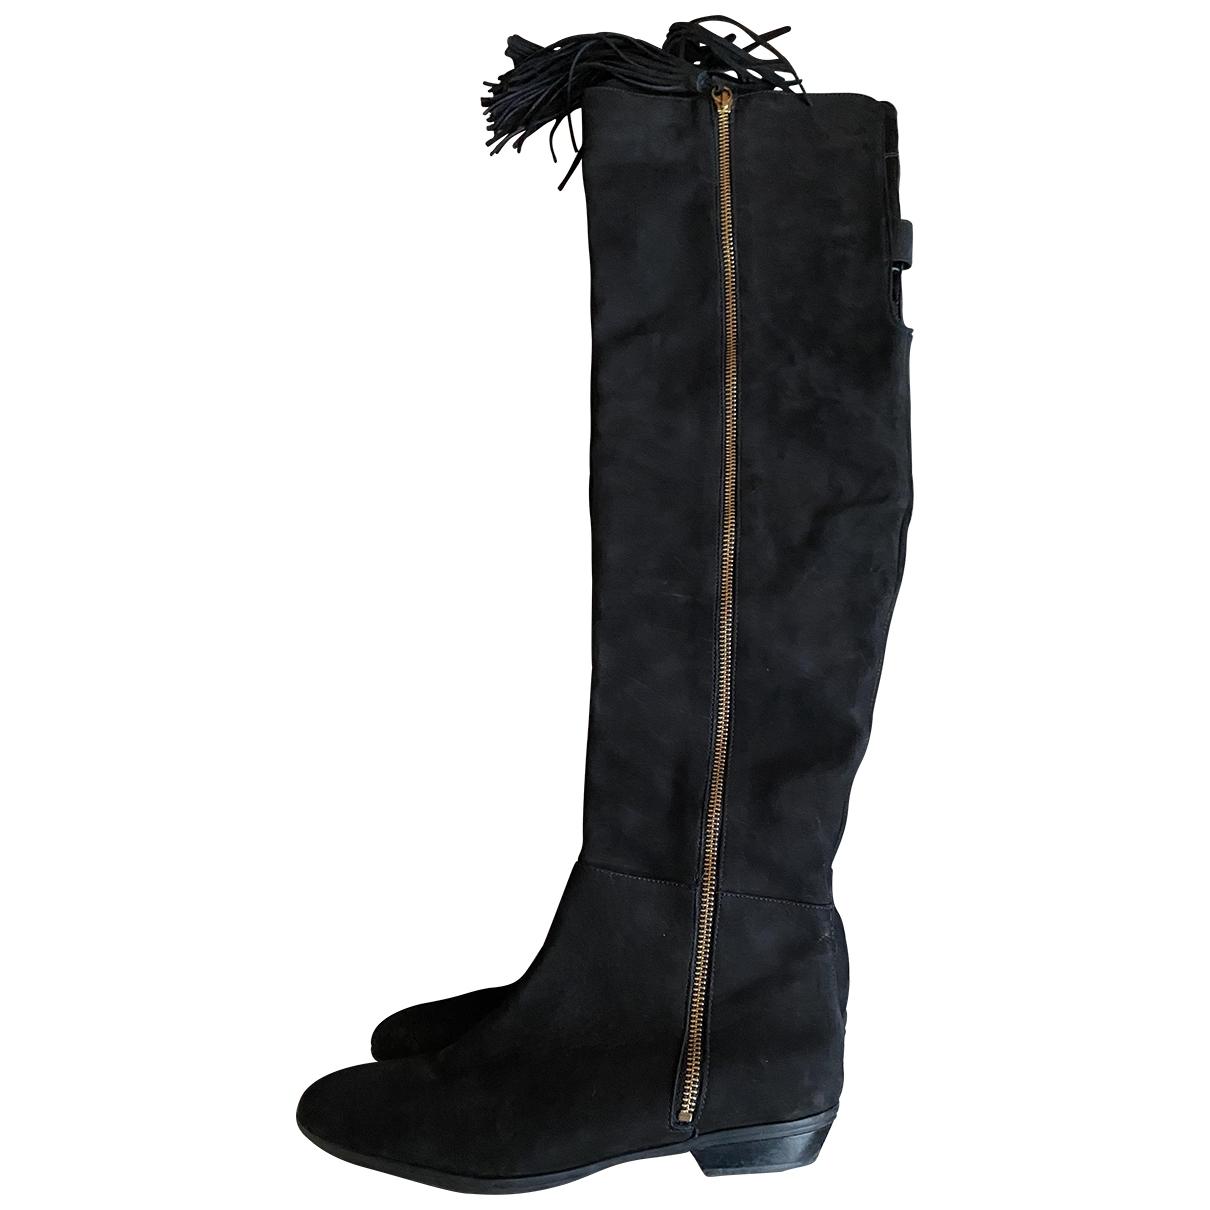 Schutz - Bottes   pour femme en cuir - noir